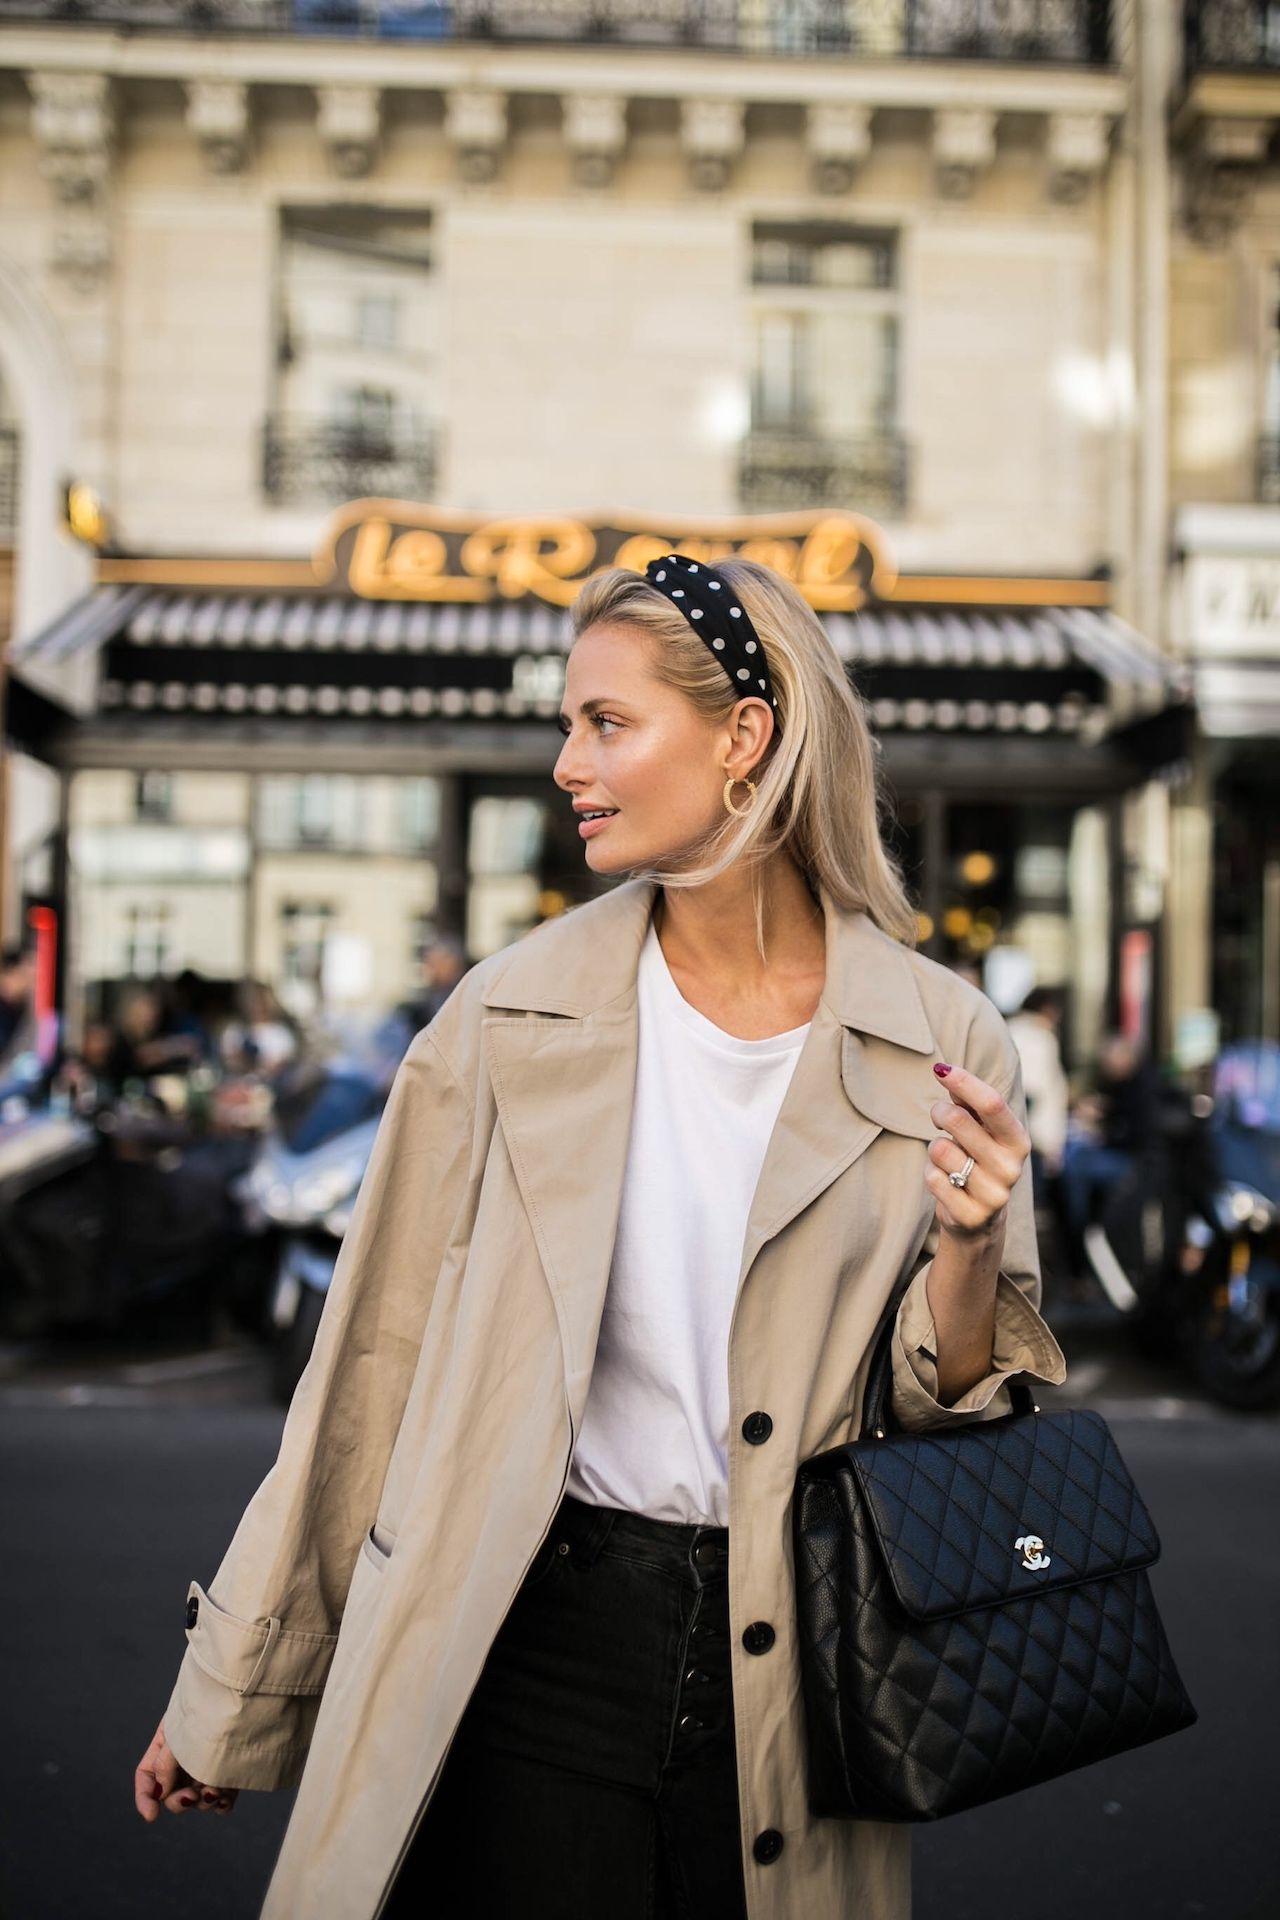 fashionista kết hợp phụ kiện băng đô nữ tính chấm bi đen trắng cùng trench coat màu beige, áo phông trắng, chân váy jeans đen và túi xách chanel đen